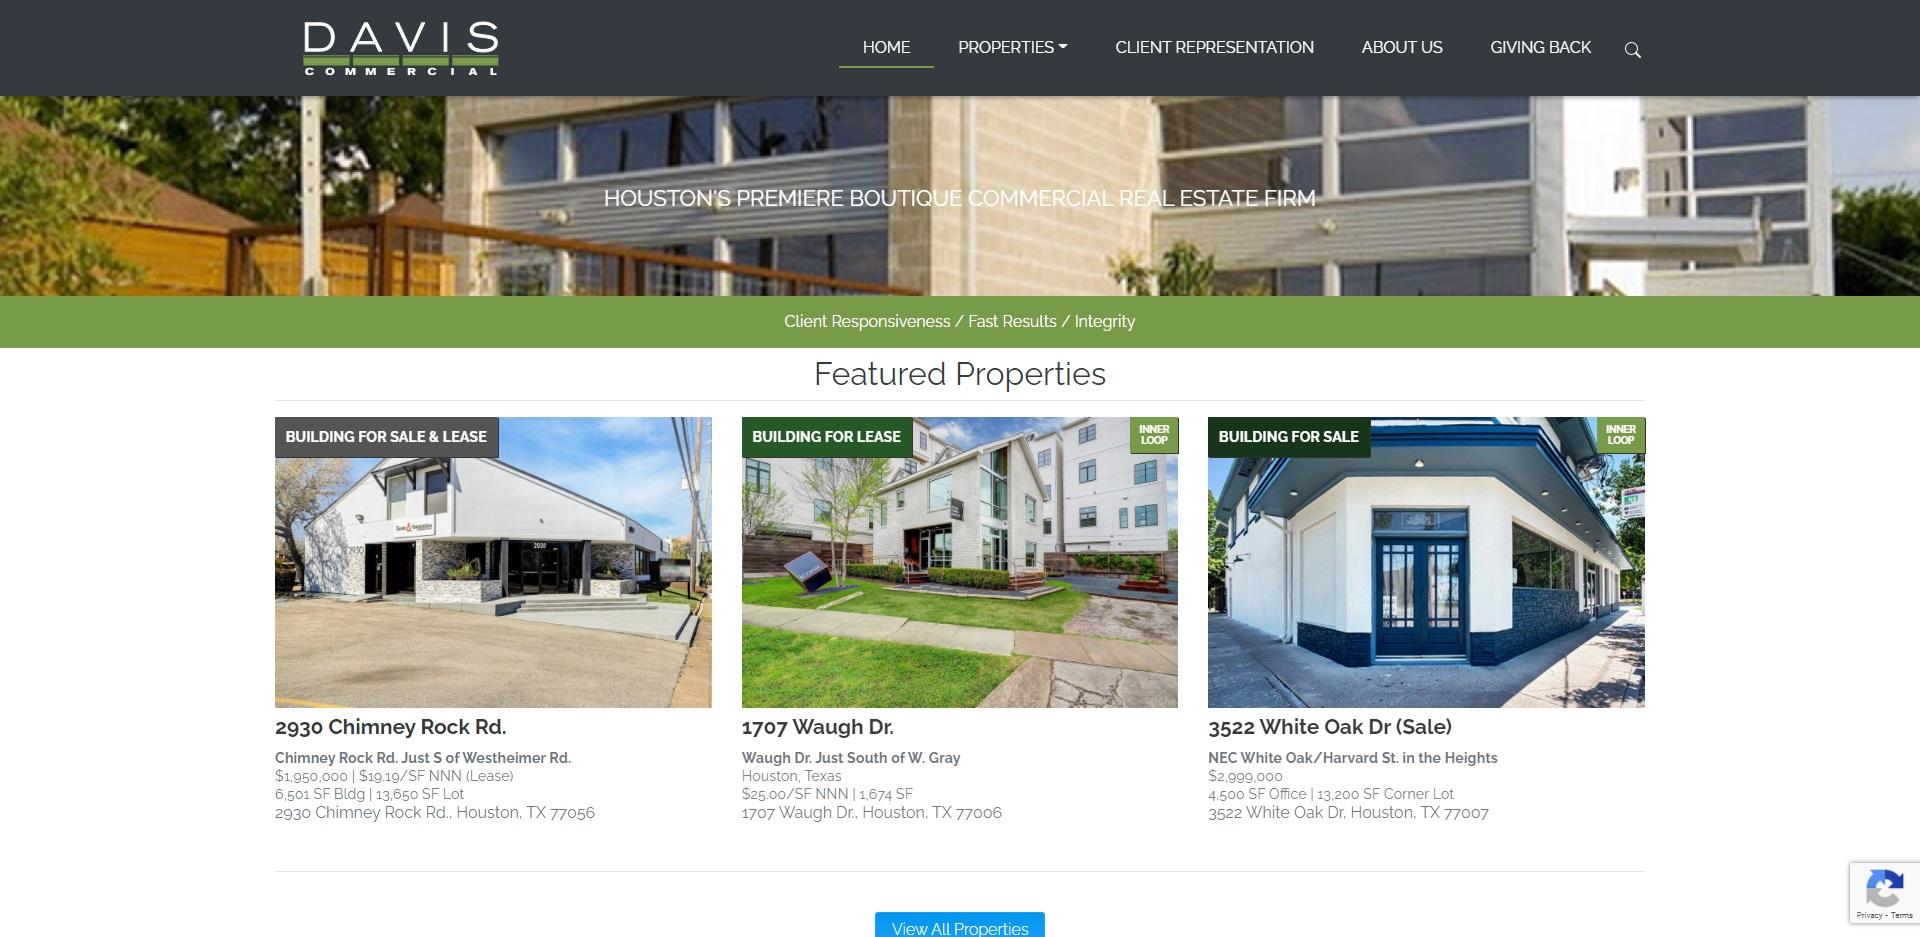 Les meilleurs agents immobiliers de Houston